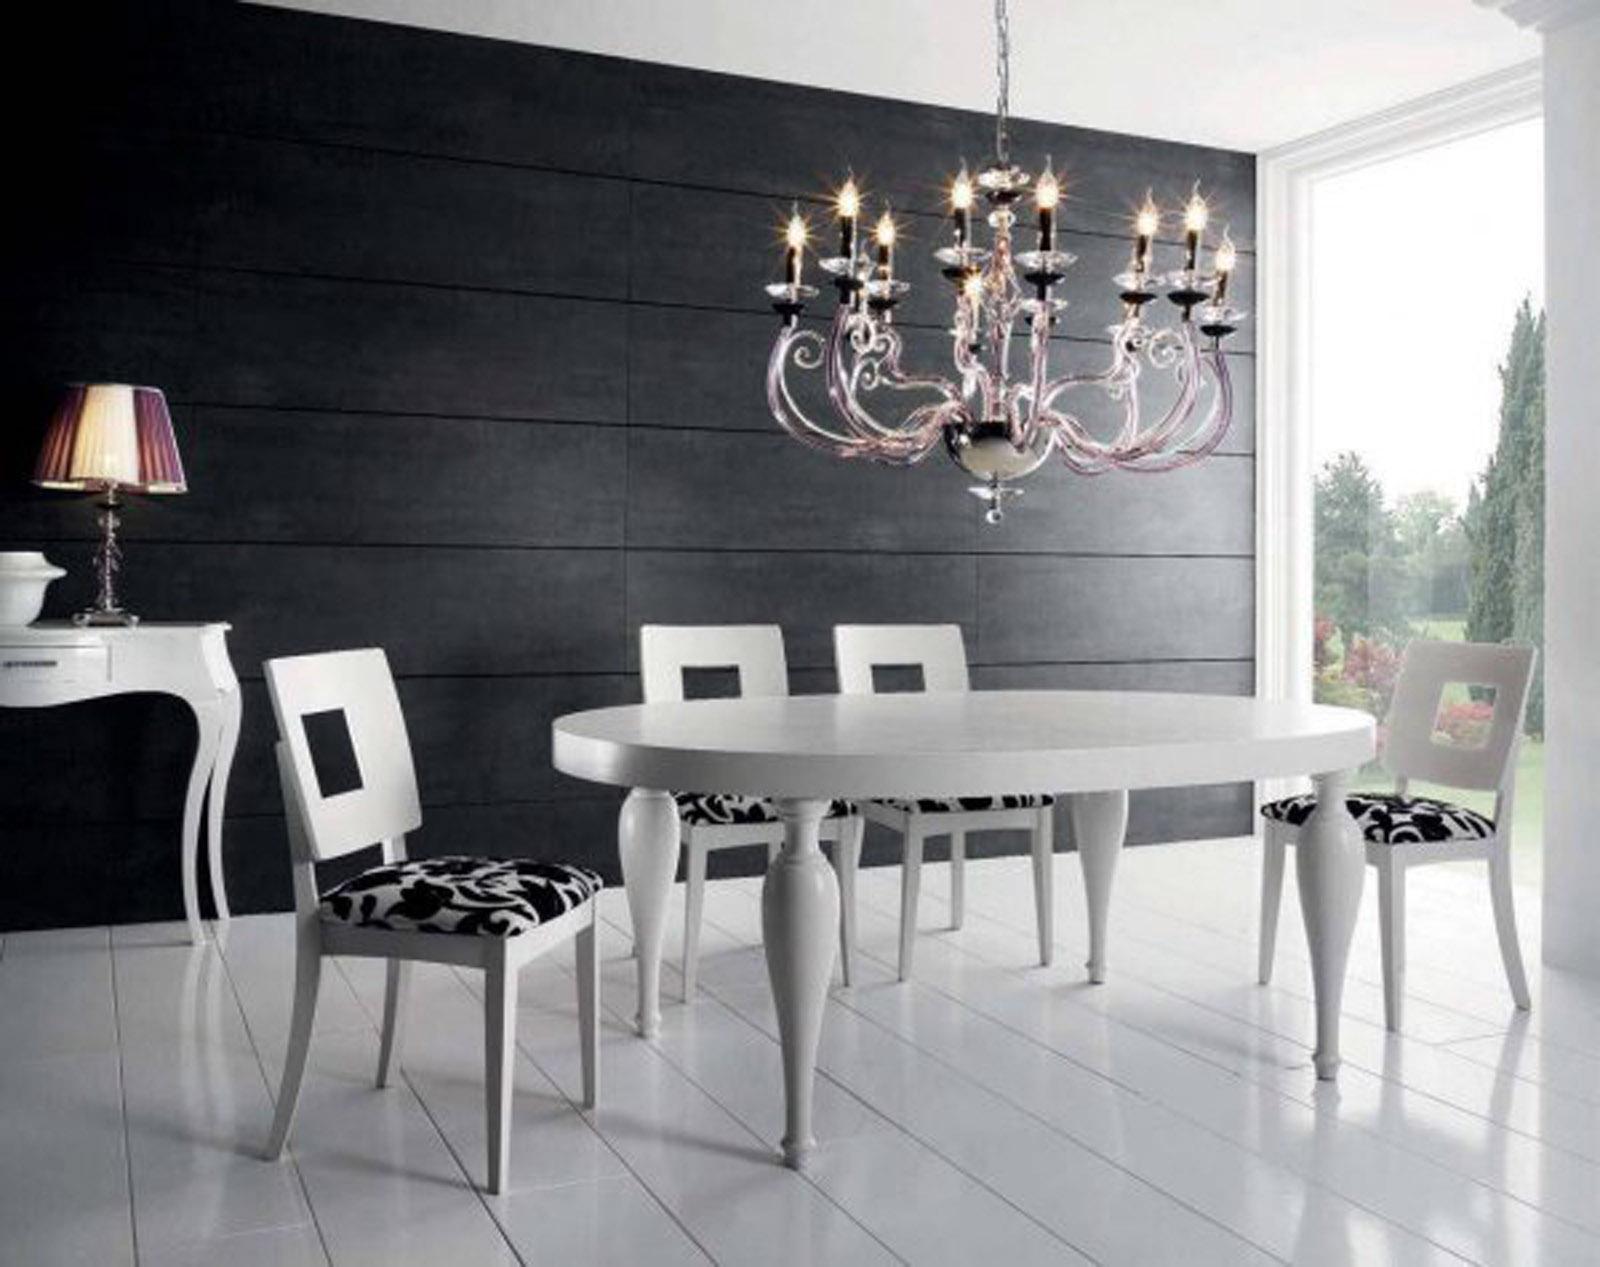 Stili di arredamento moderno consigli e suggerimenti per for Arredamento moderno casa